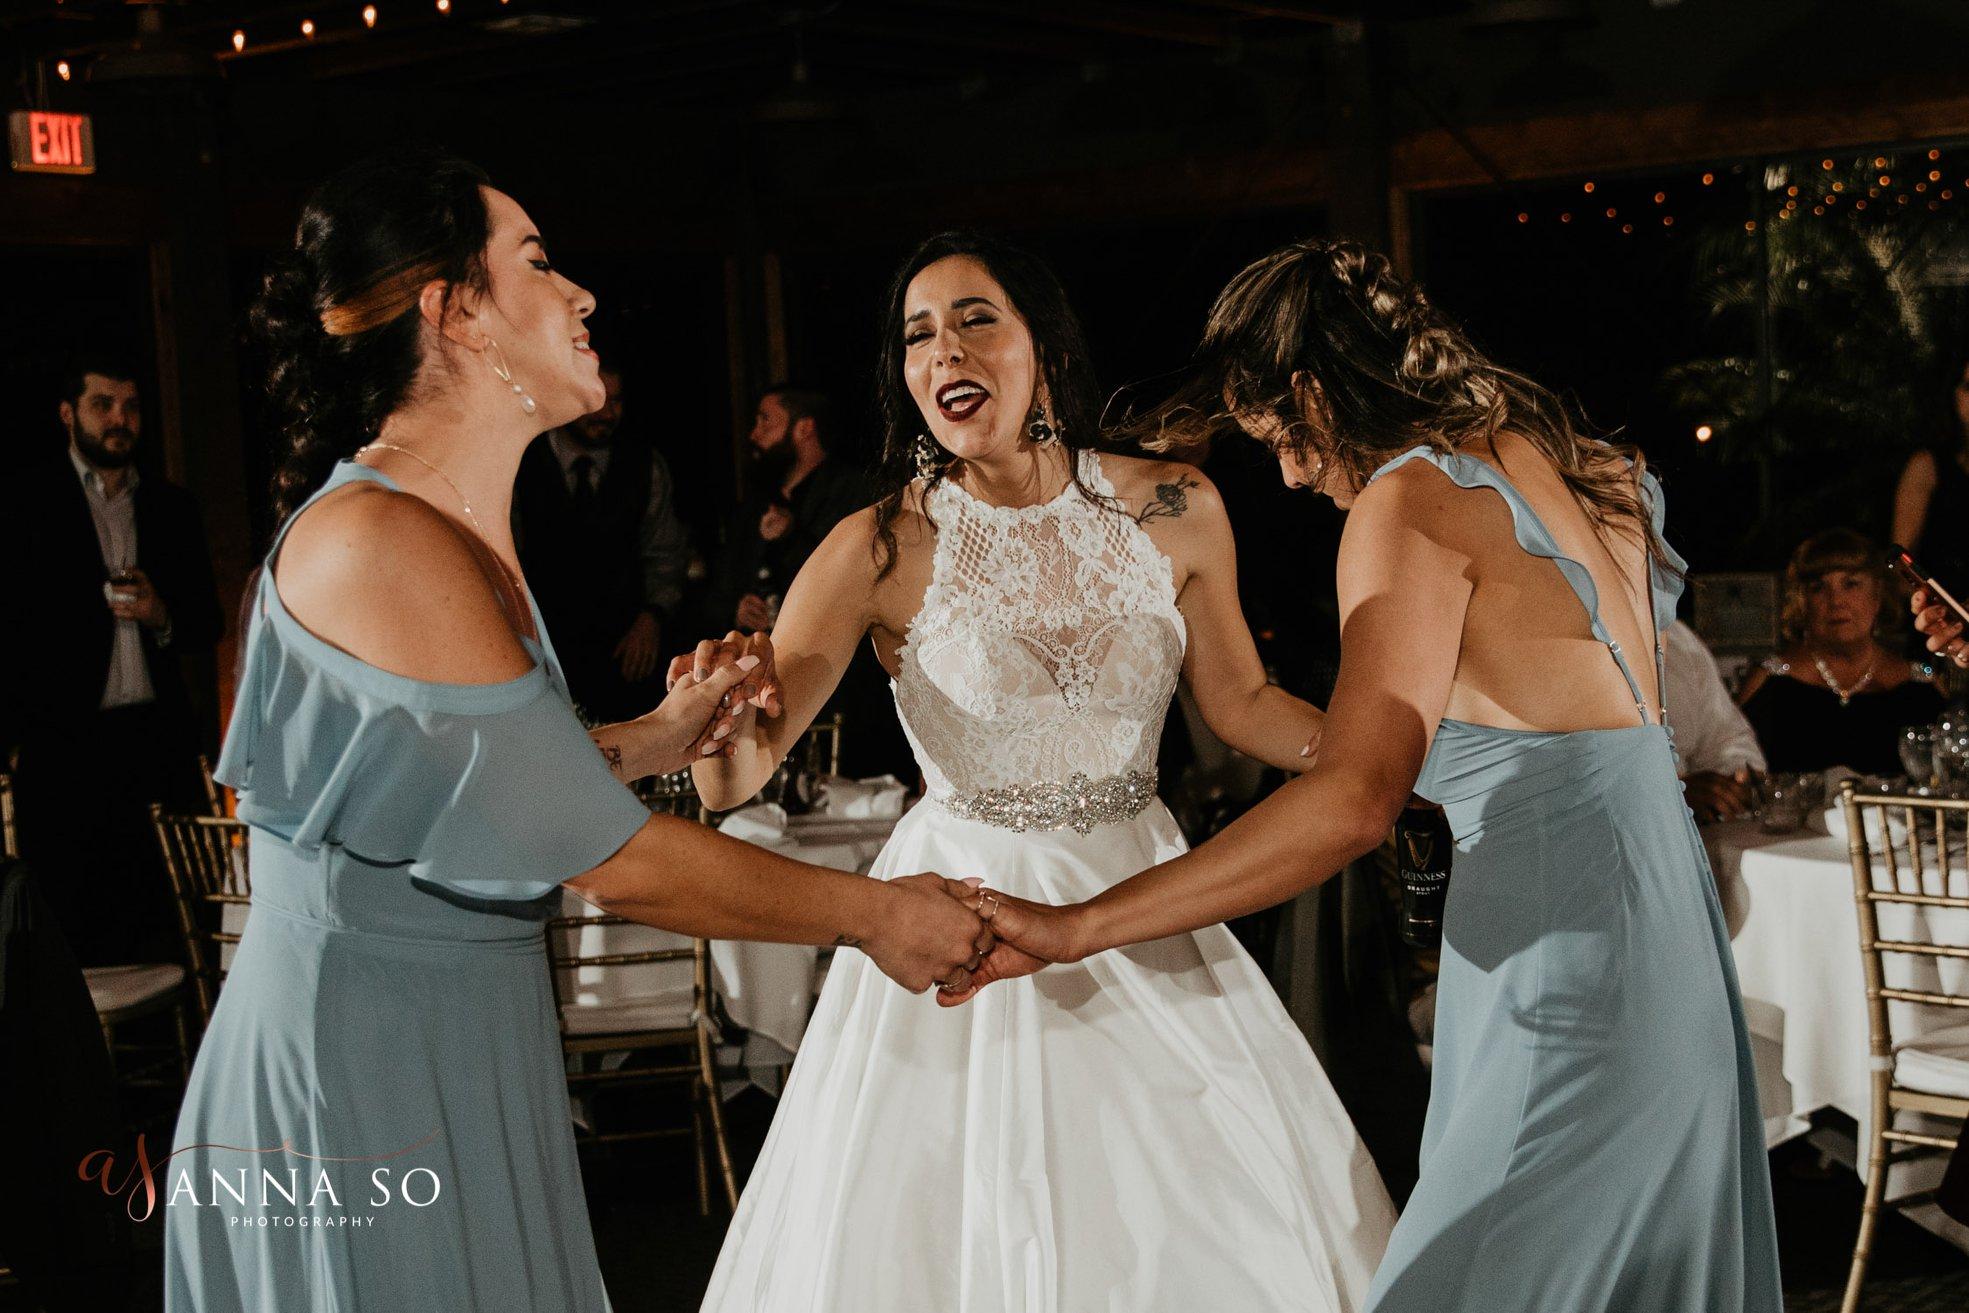 Gina dances with her Bridesmaids